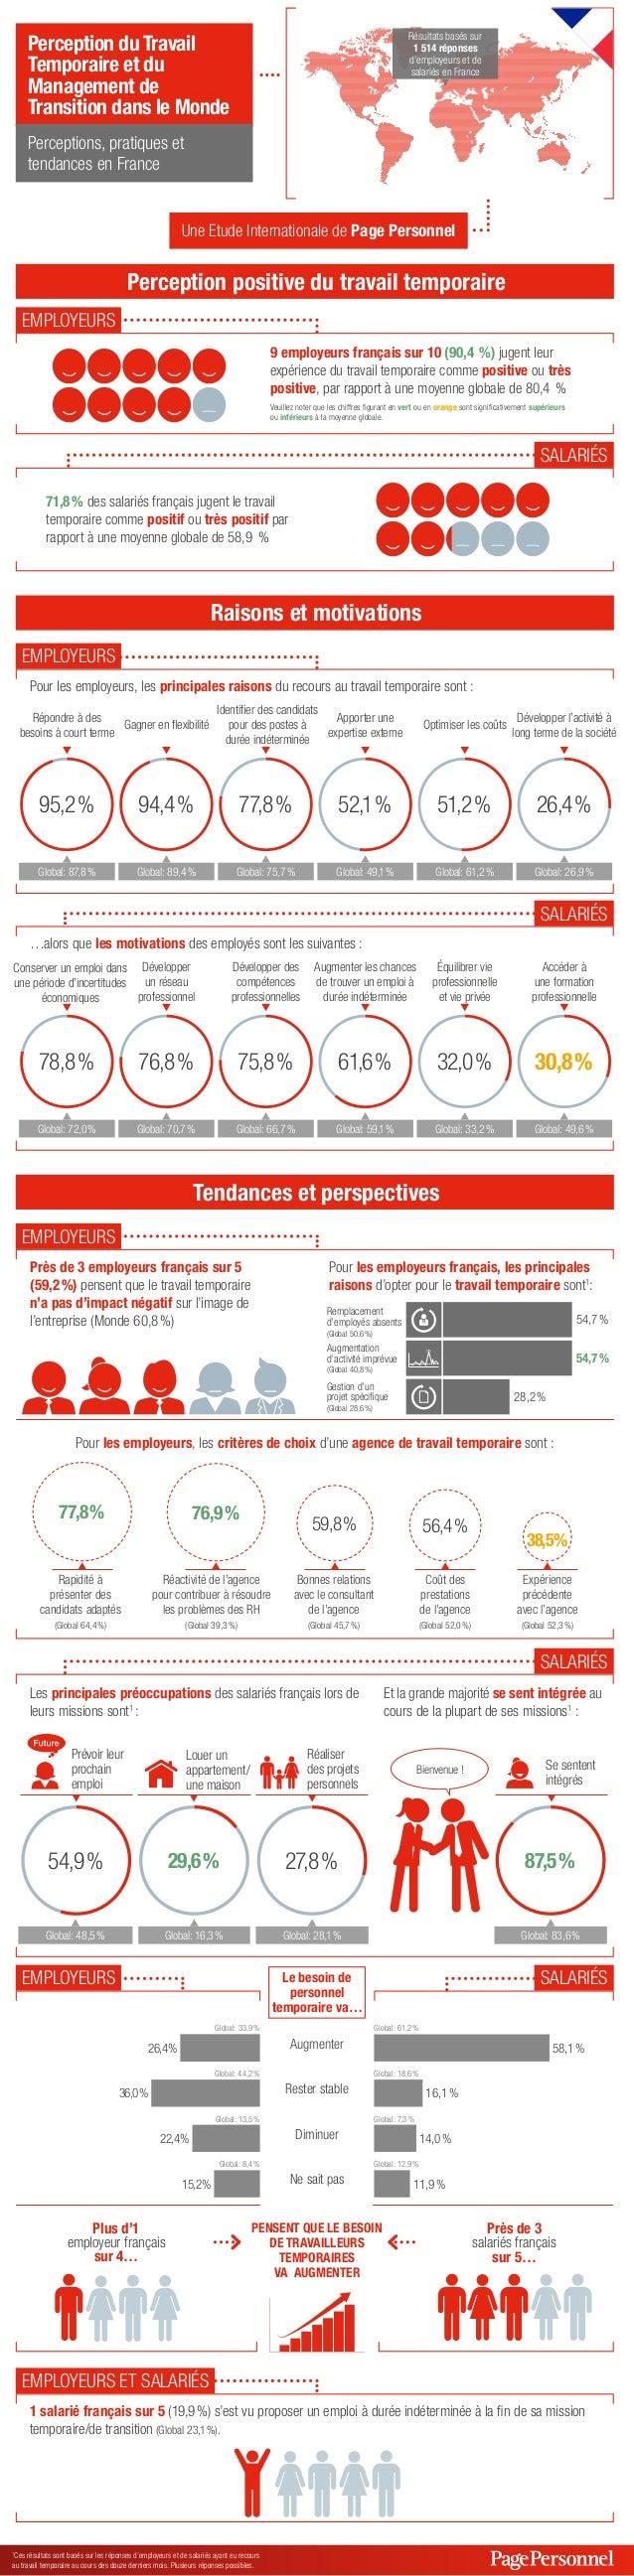 Résultats basés sur 1 514 réponses d'employeurs et de salariés en France  Perception du Travail Temporaire et du Managemen...